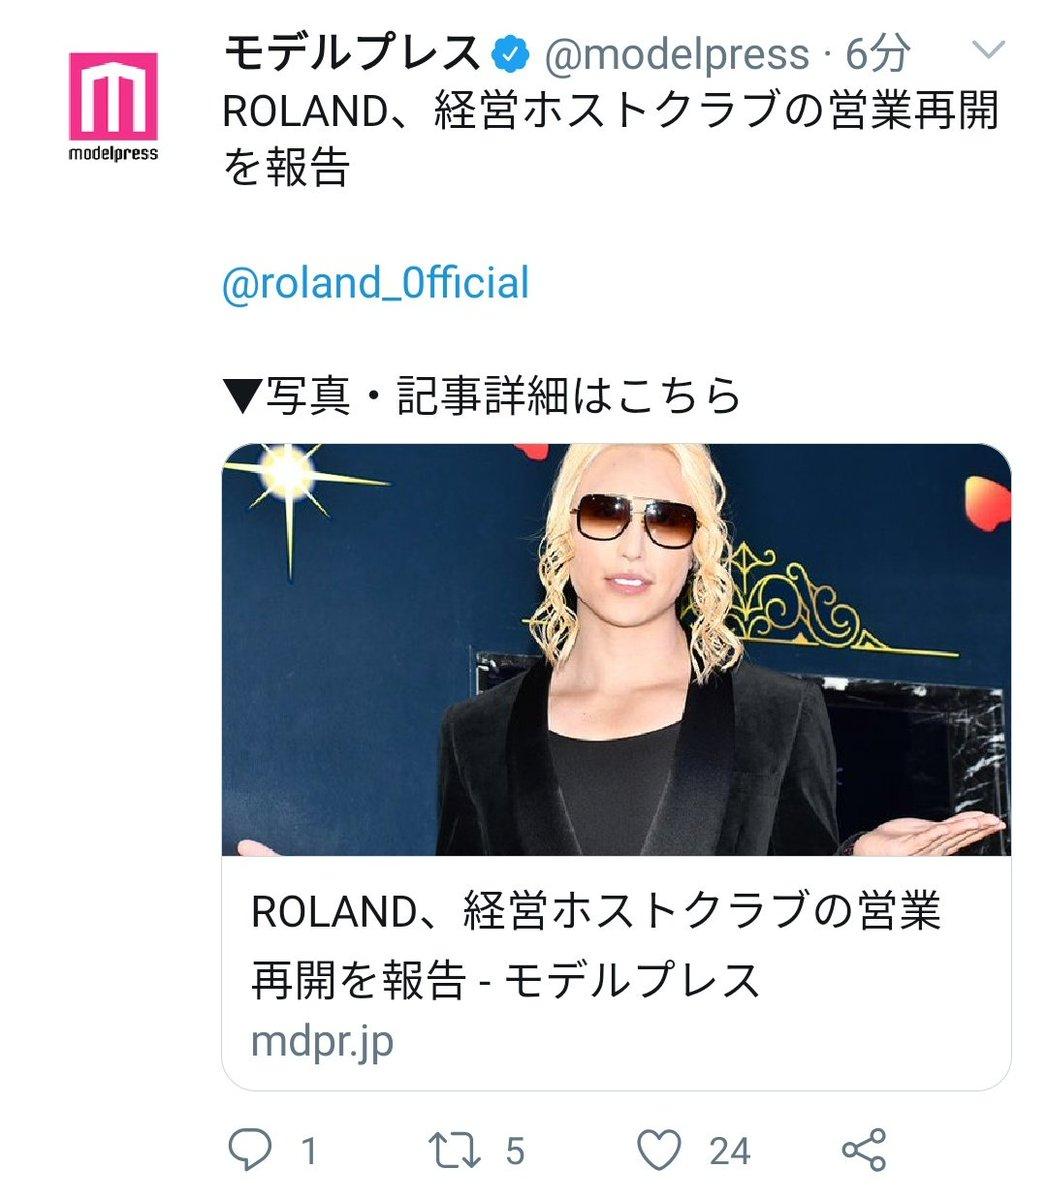 これがネットニュースになるROLANDはやっぱりレベチ pic.twitter.com/XJA8OzUxwB